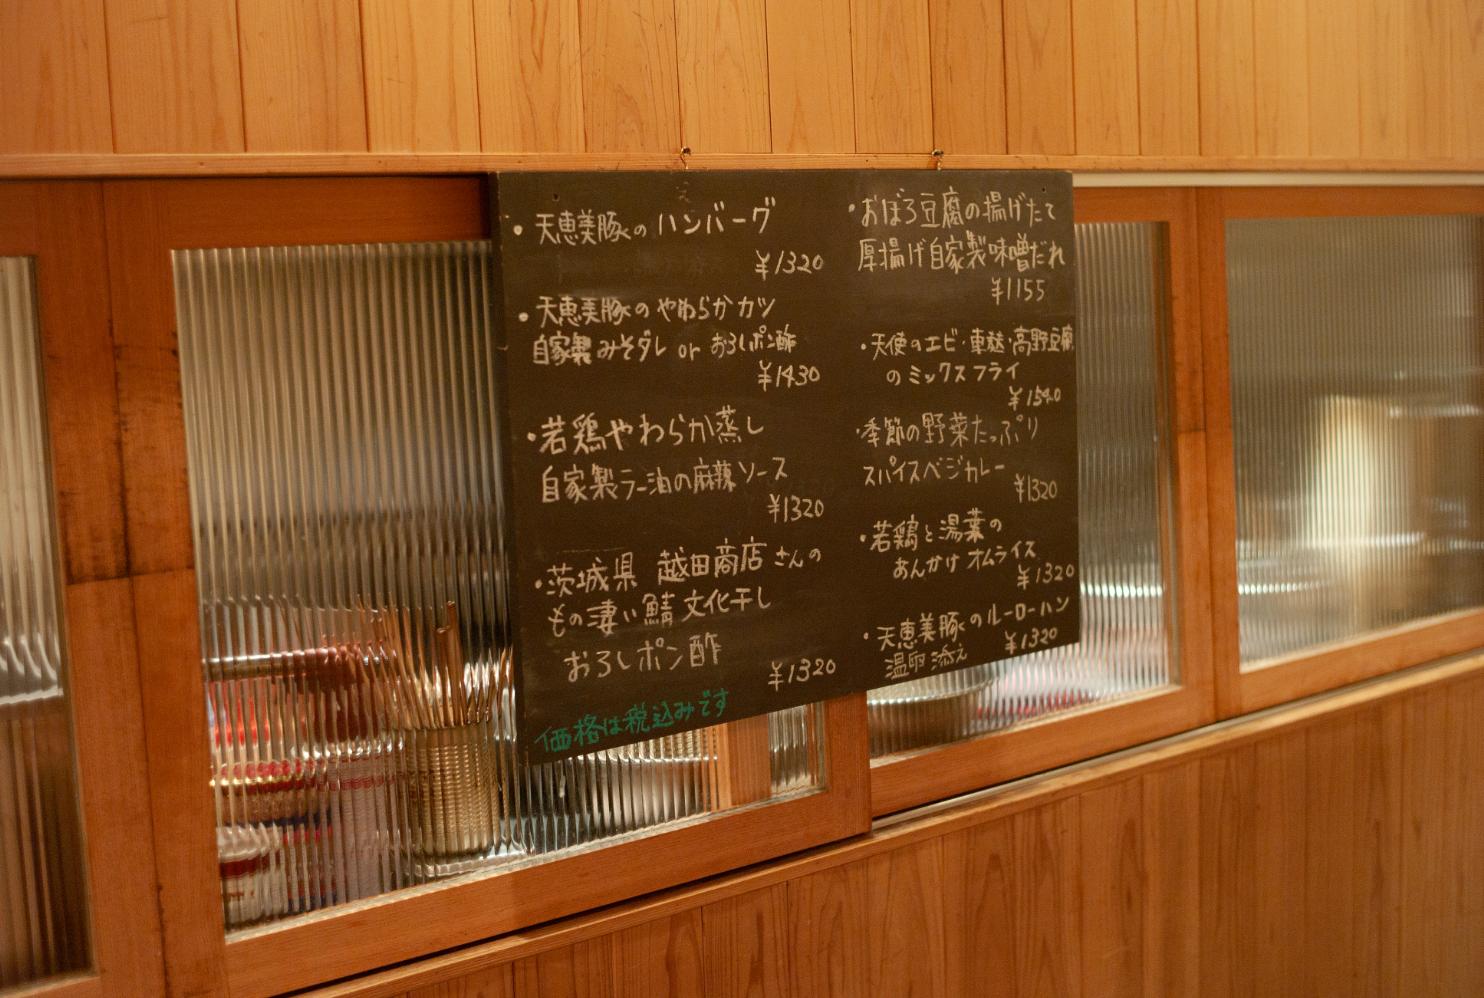 からだに優しい定食が絶品!岐阜の「ミツバチ食堂」で、地元で取れたお野菜と無農薬・無添加の食材を味わおう - 970407a3349fd0e43fa45c2ec27e00ae